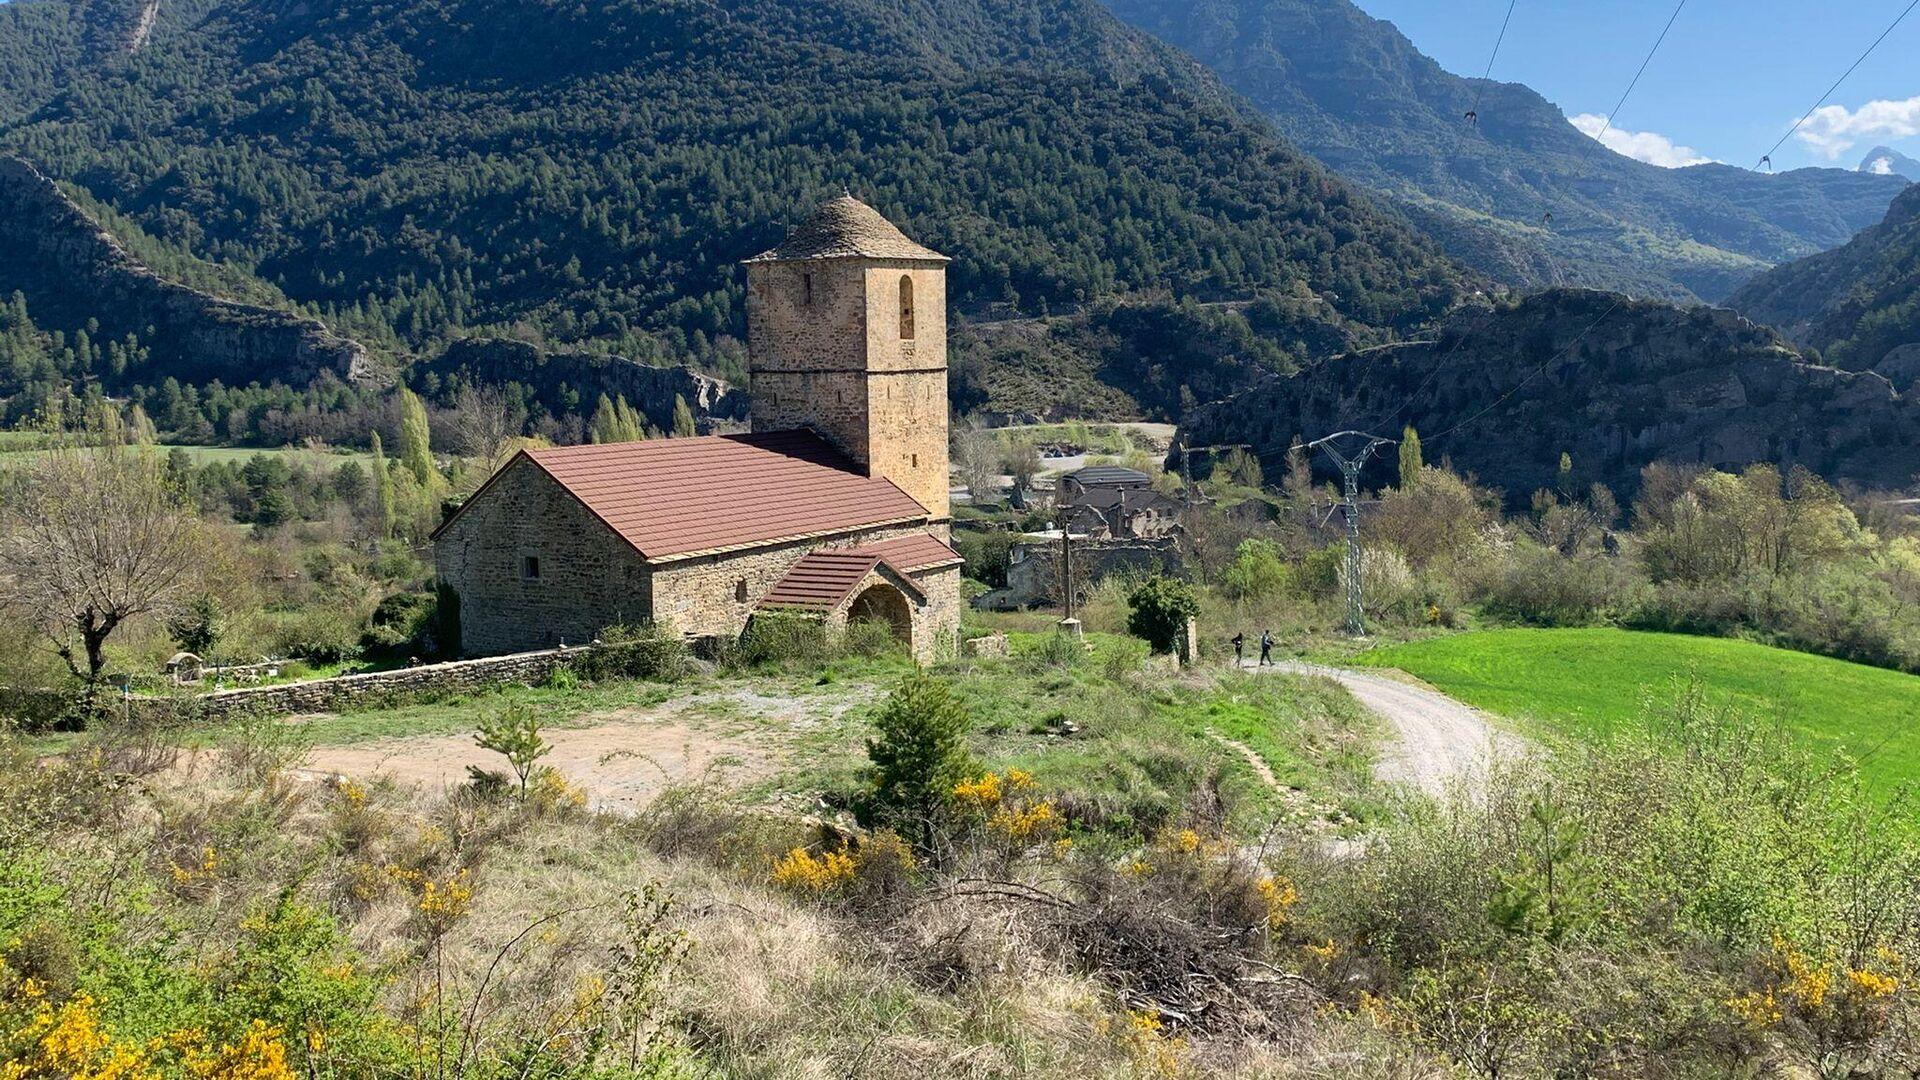 Vista de la iglesia de San Miguel de Jánovas (Huesca) - Sputnik Mundo, 1920, 25.04.2021